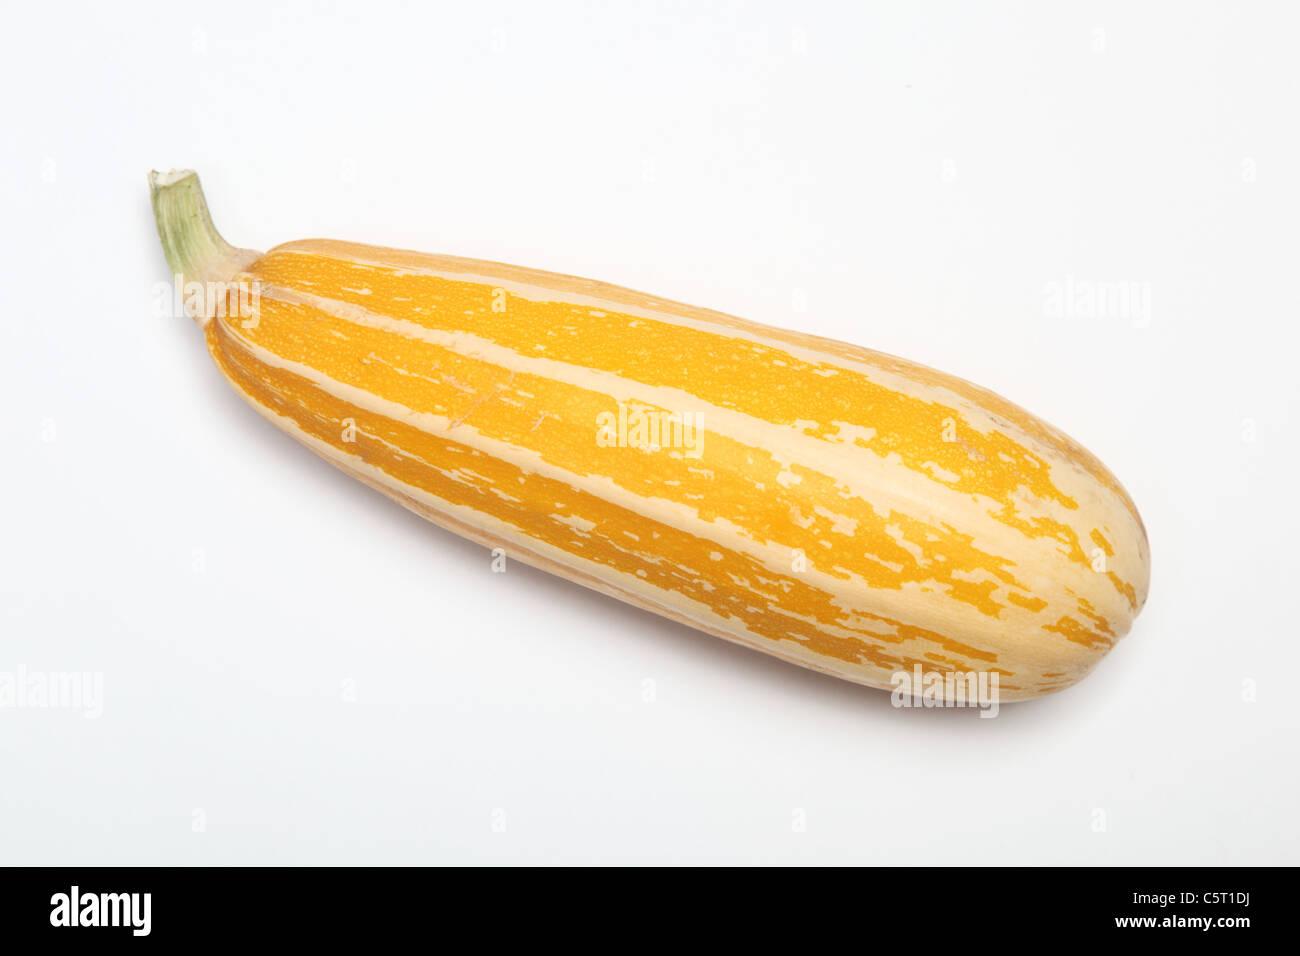 A yellow Italian Marrow - Stock Image